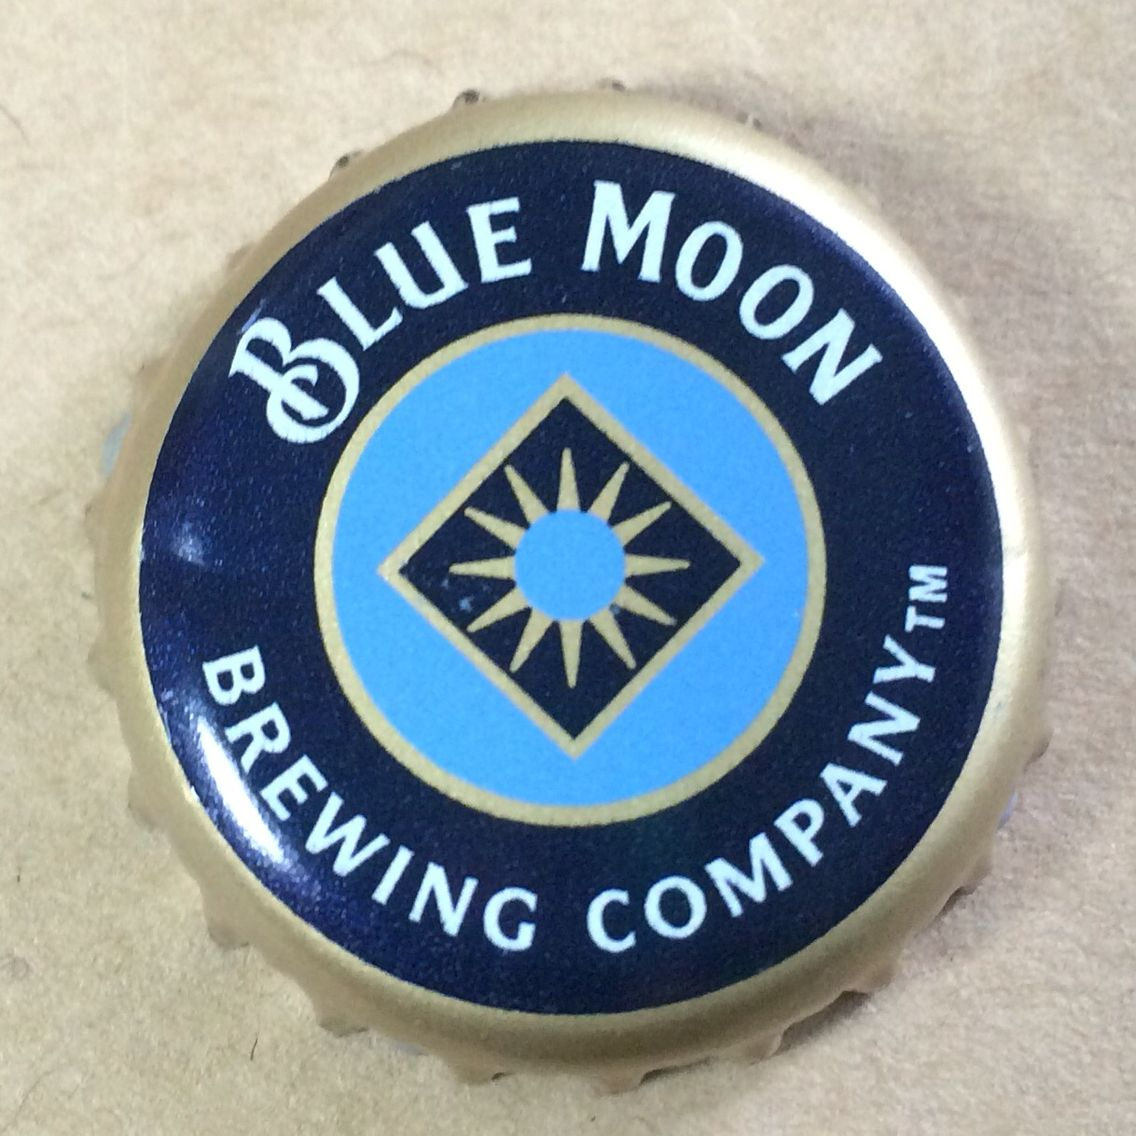 全米ナンバーワンビール ビール 王冠